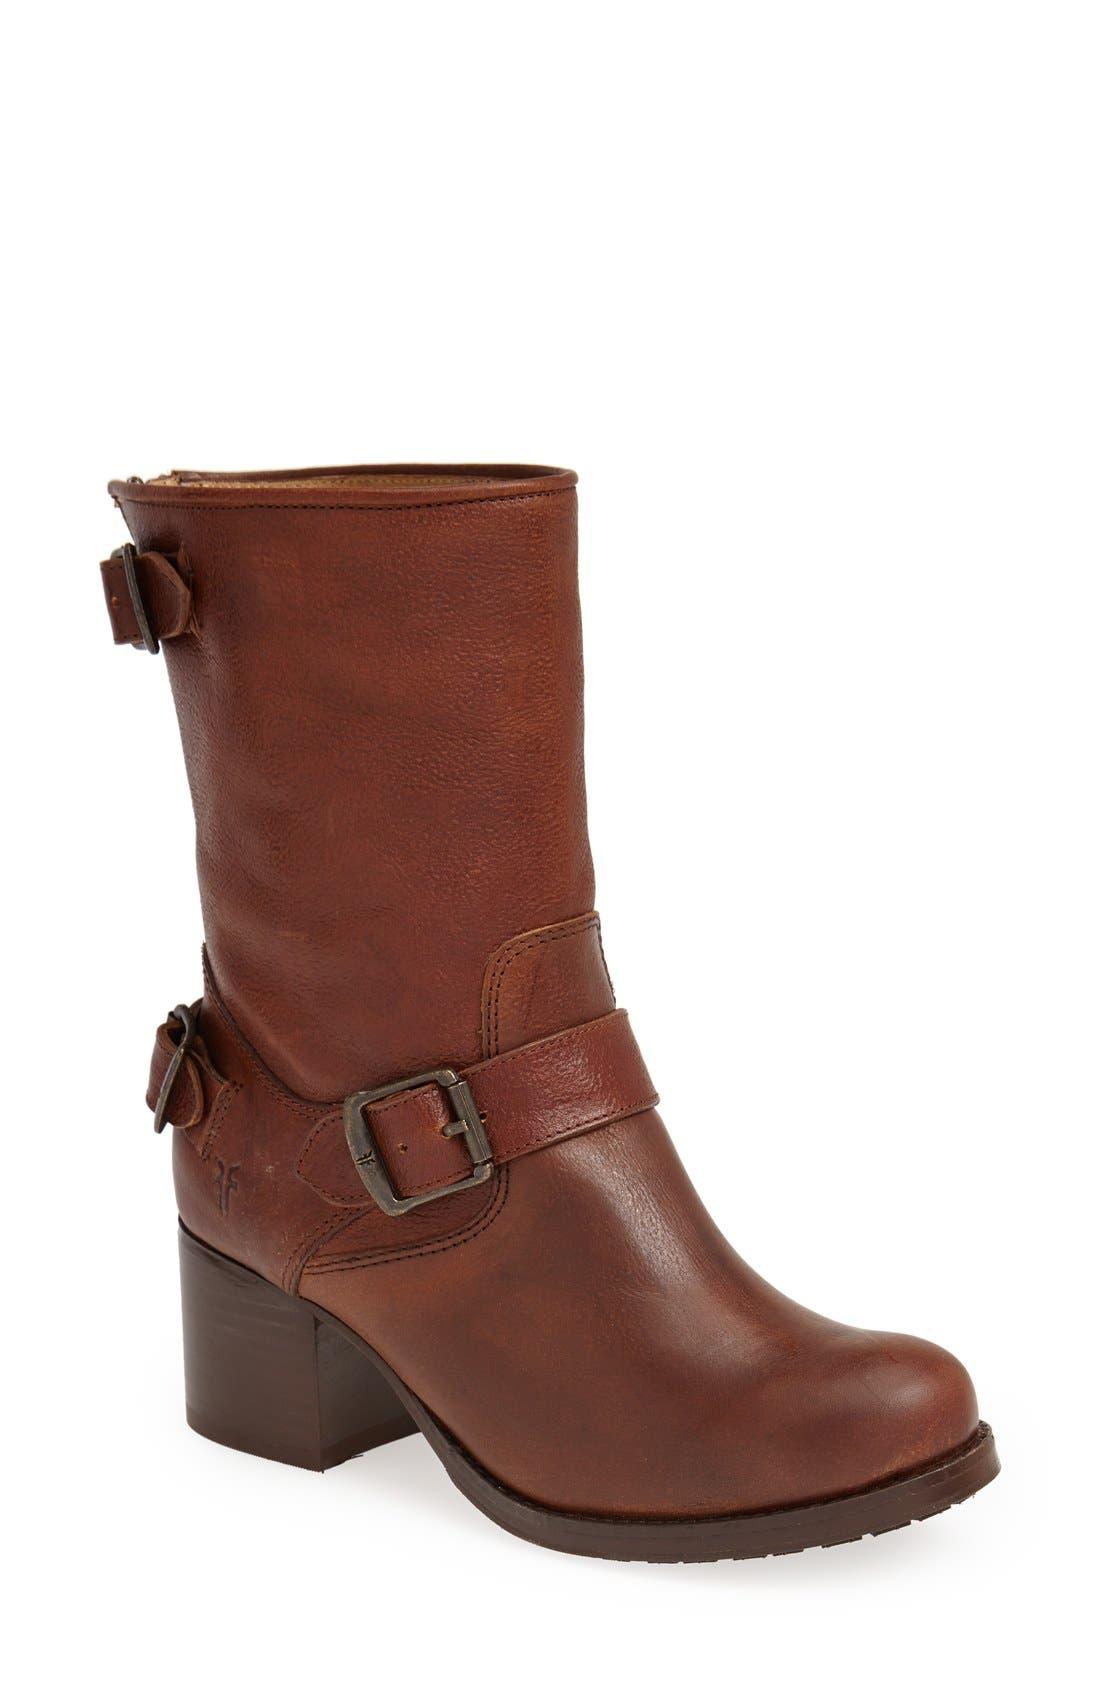 Main Image - Frye 'Vera' Short Boot (Women)